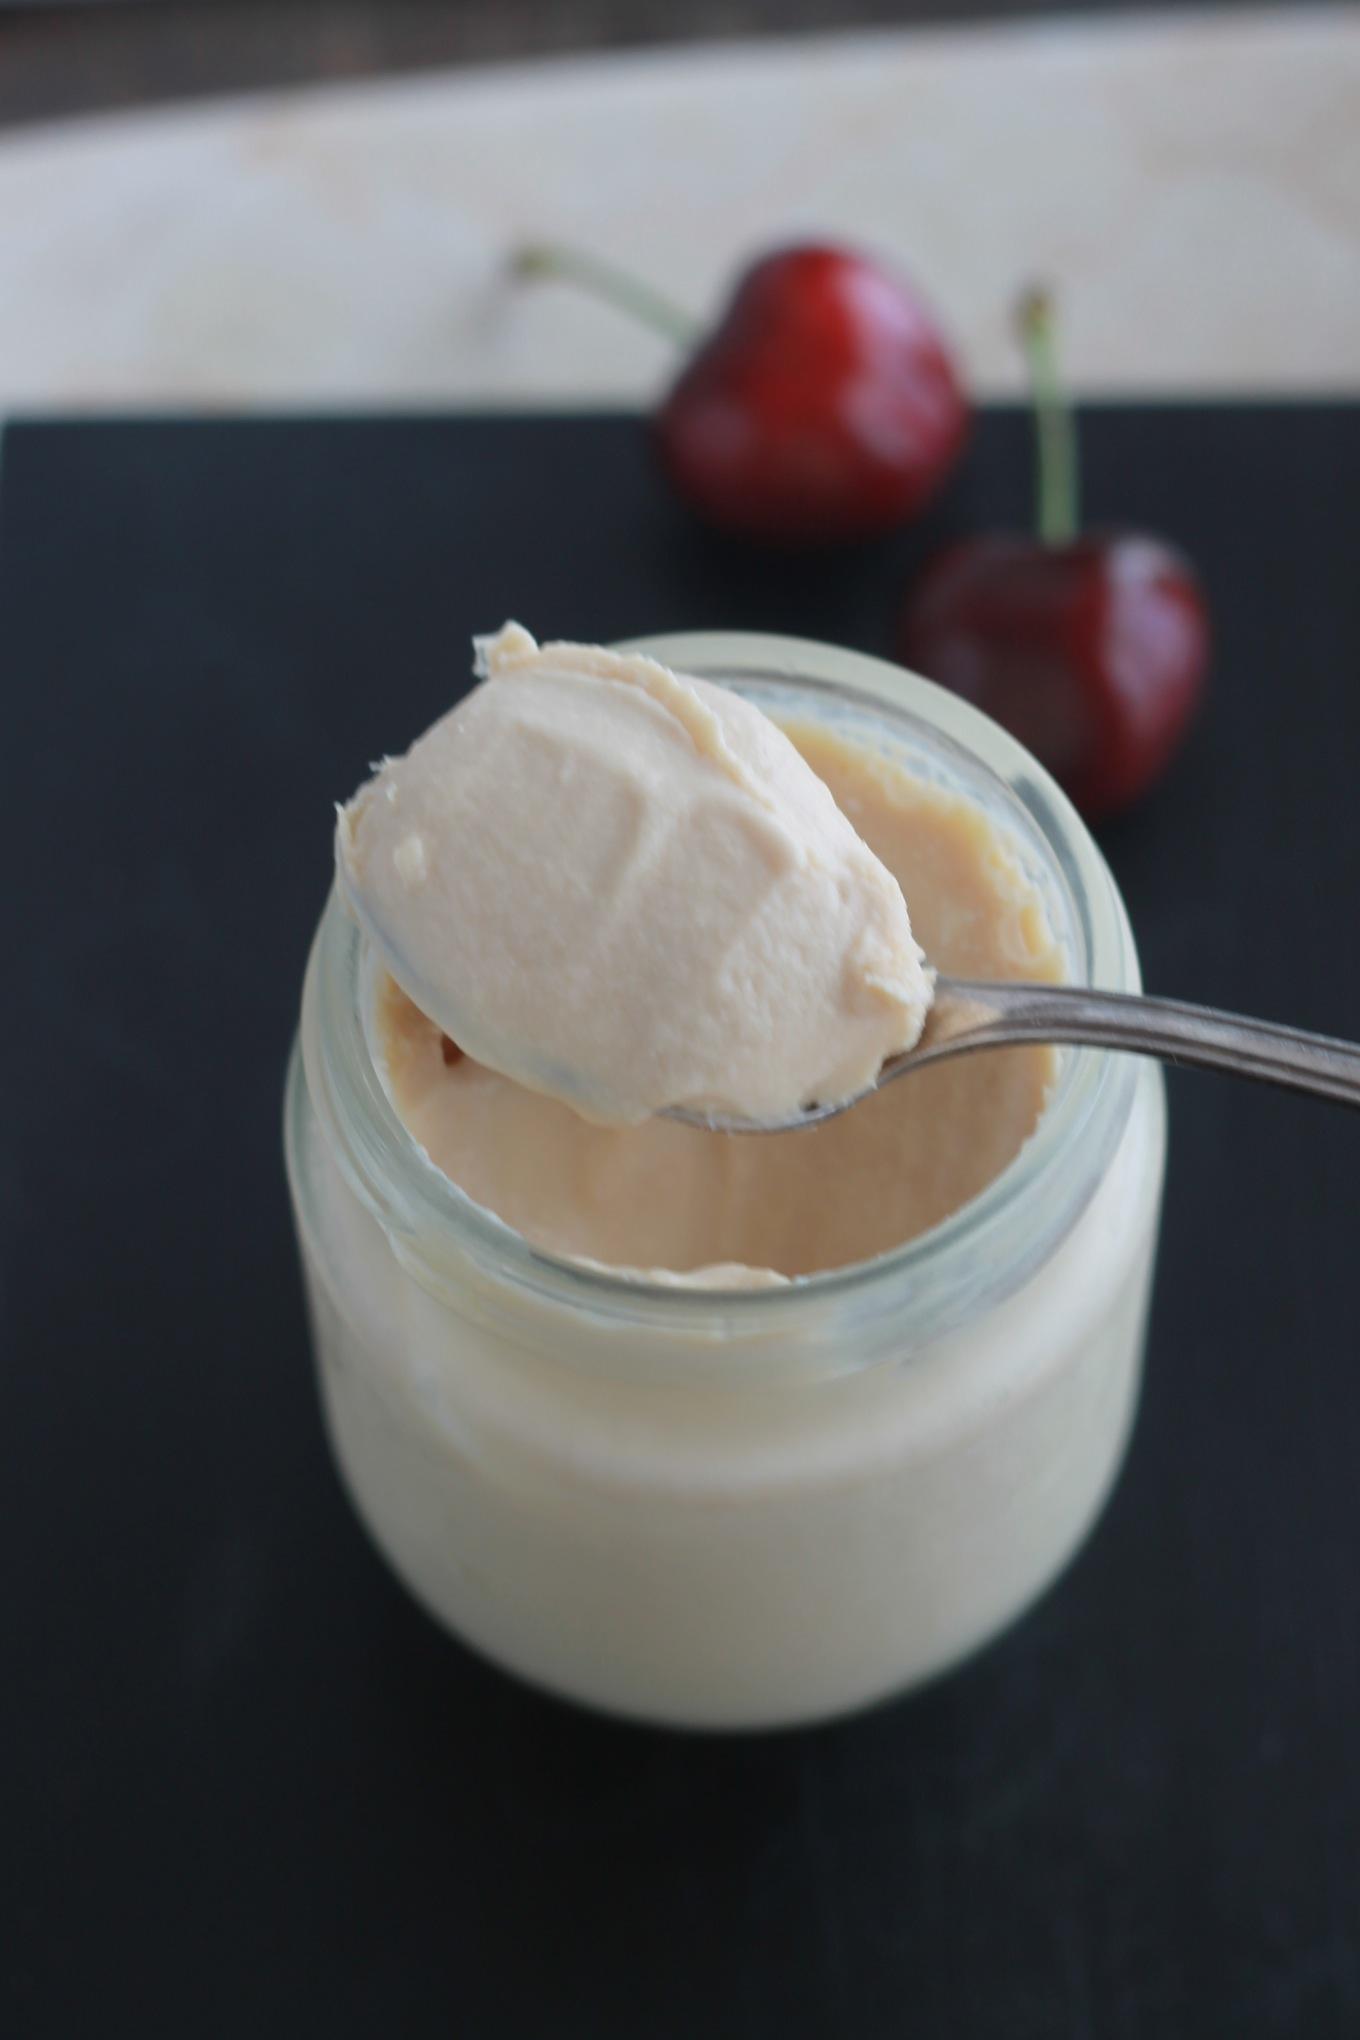 Délicieux yaourt fait maison avec du caramel au beurre salé. Très facile à faire, du lait, du yaourt et du caramel au beurre salé. / cuisineculinaire.com